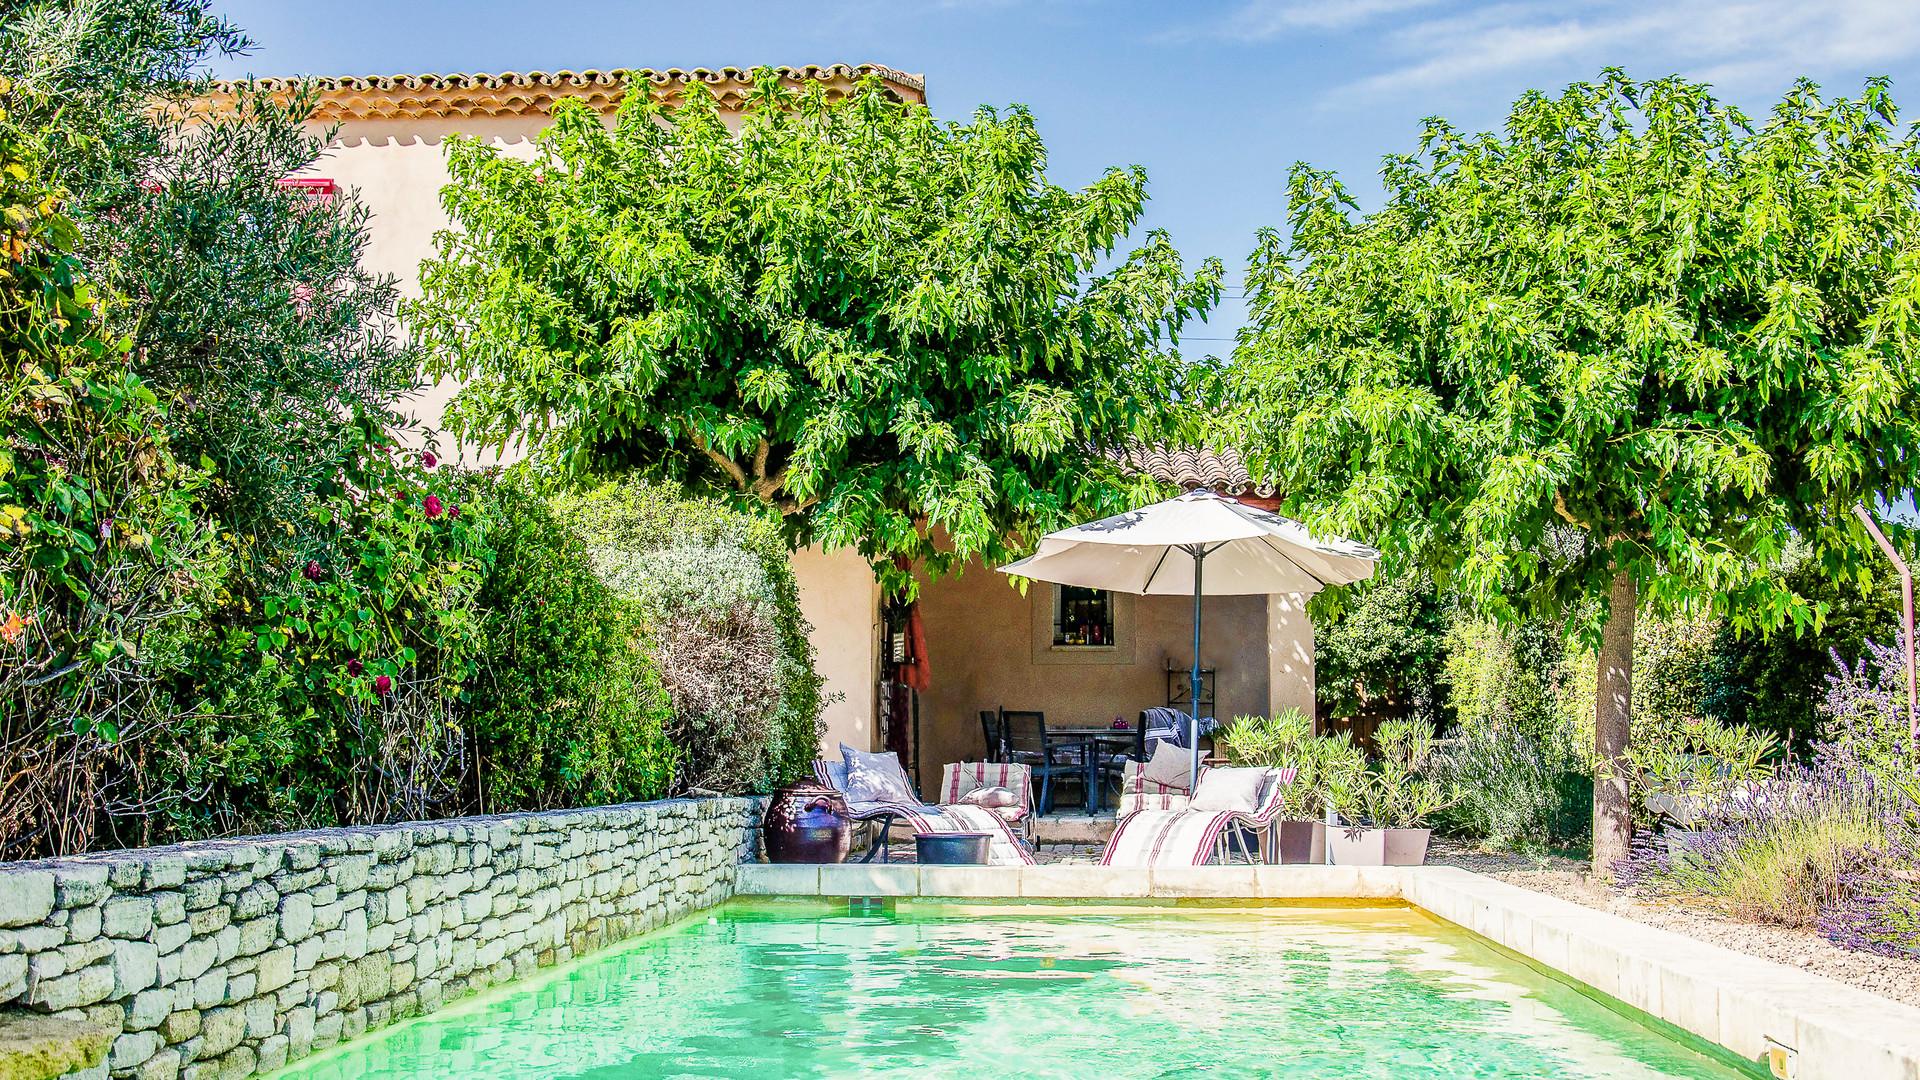 maison piscine-2.jpg